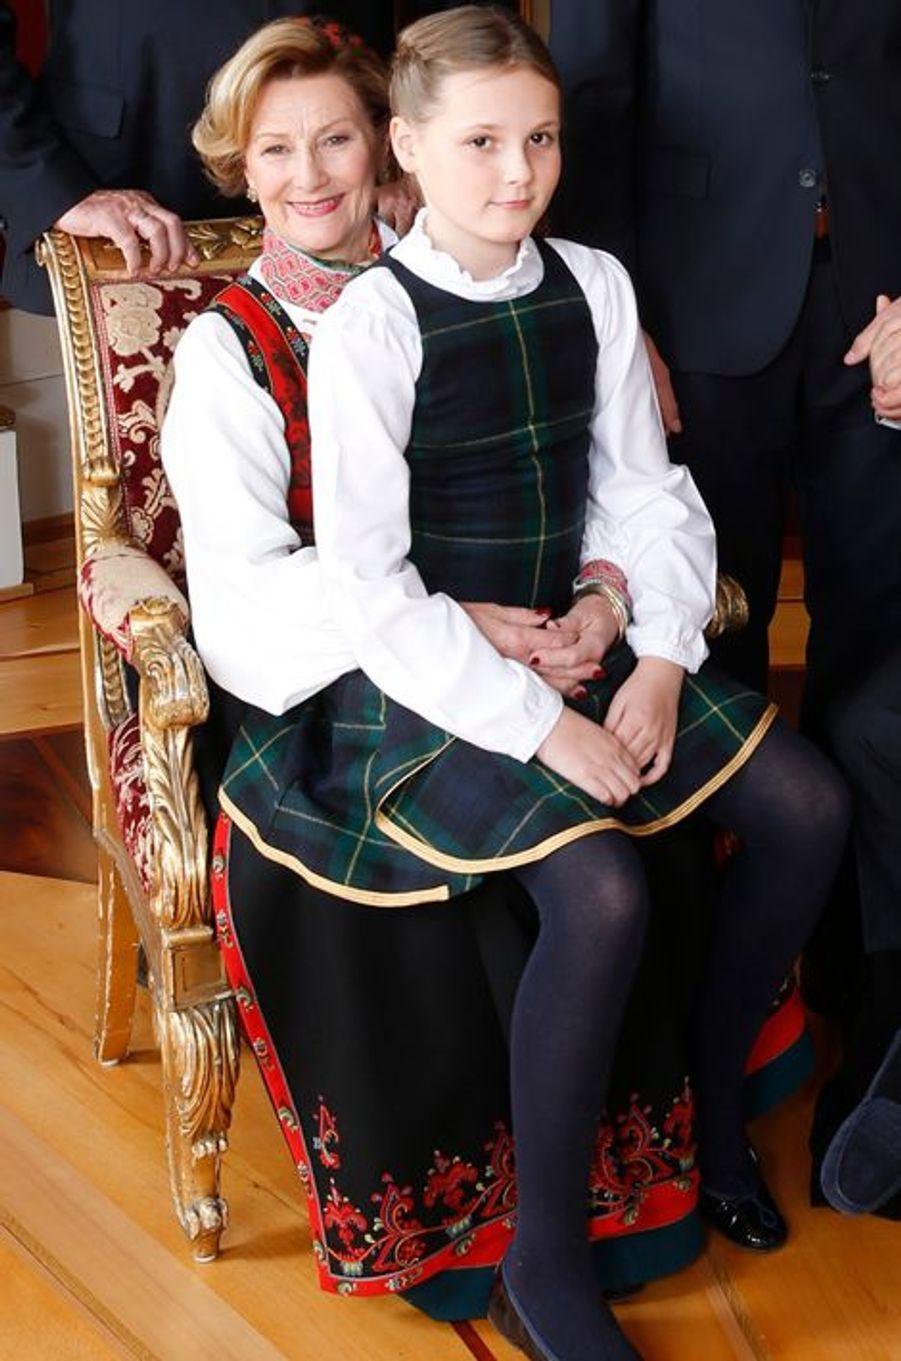 La reine Sonja et sa petite-fille la princesse Ingrid-Alexandra au Palais royal d'Oslo, le 17 décembre 2014